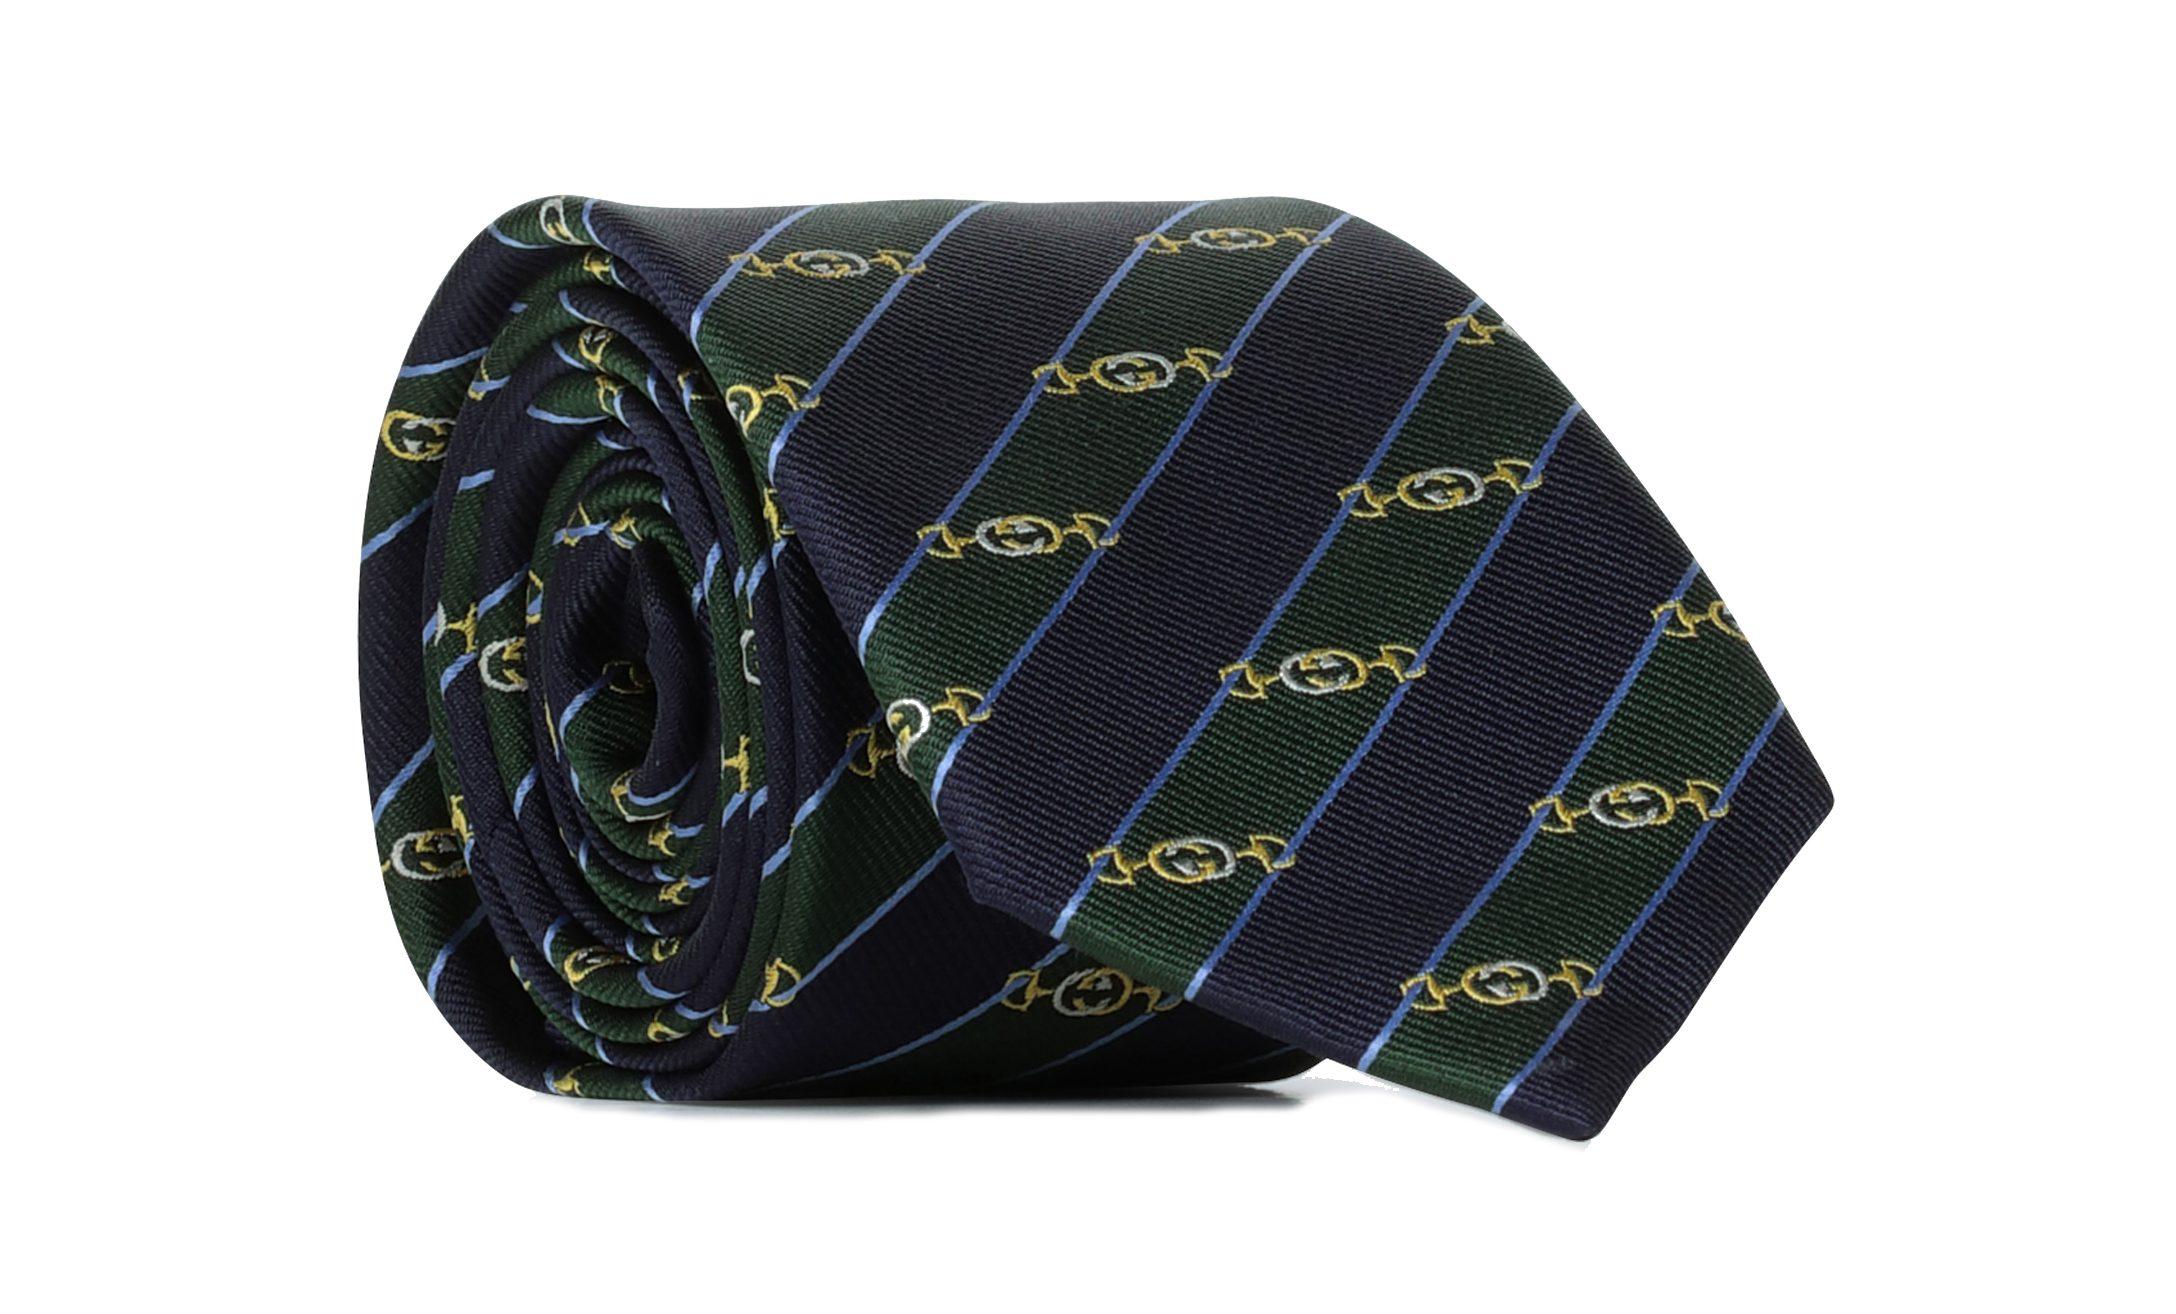 accesorios de hombre: la corbata.